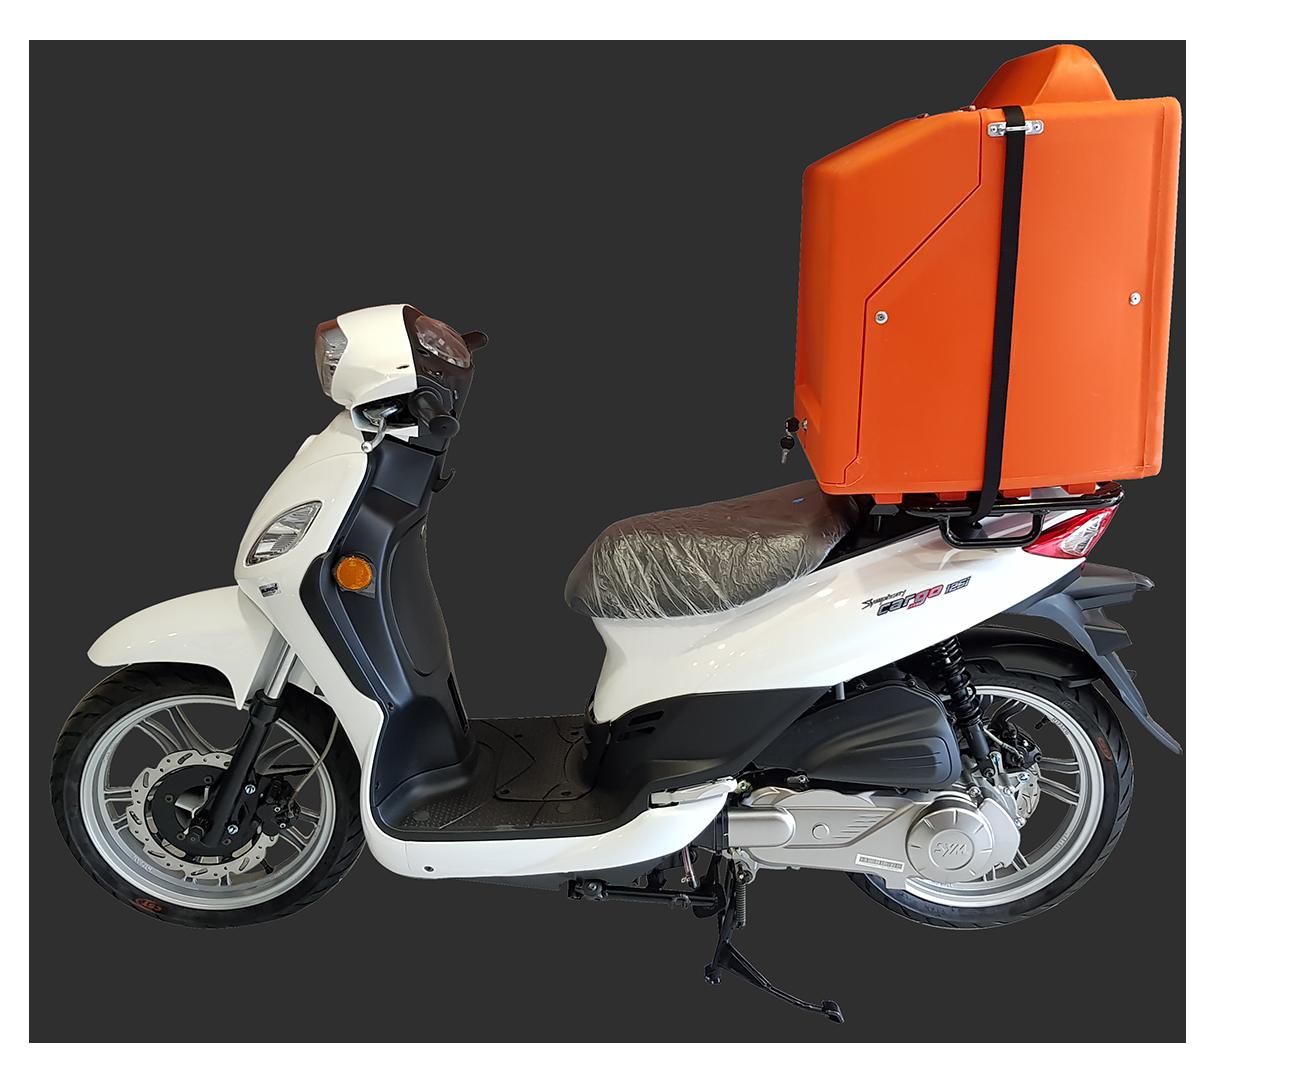 Sym symphony cargo 125 προσφορα δωρα χαμηλη τιμη σχαρα κουτι delivery ιμαντας και πολλα δωρα